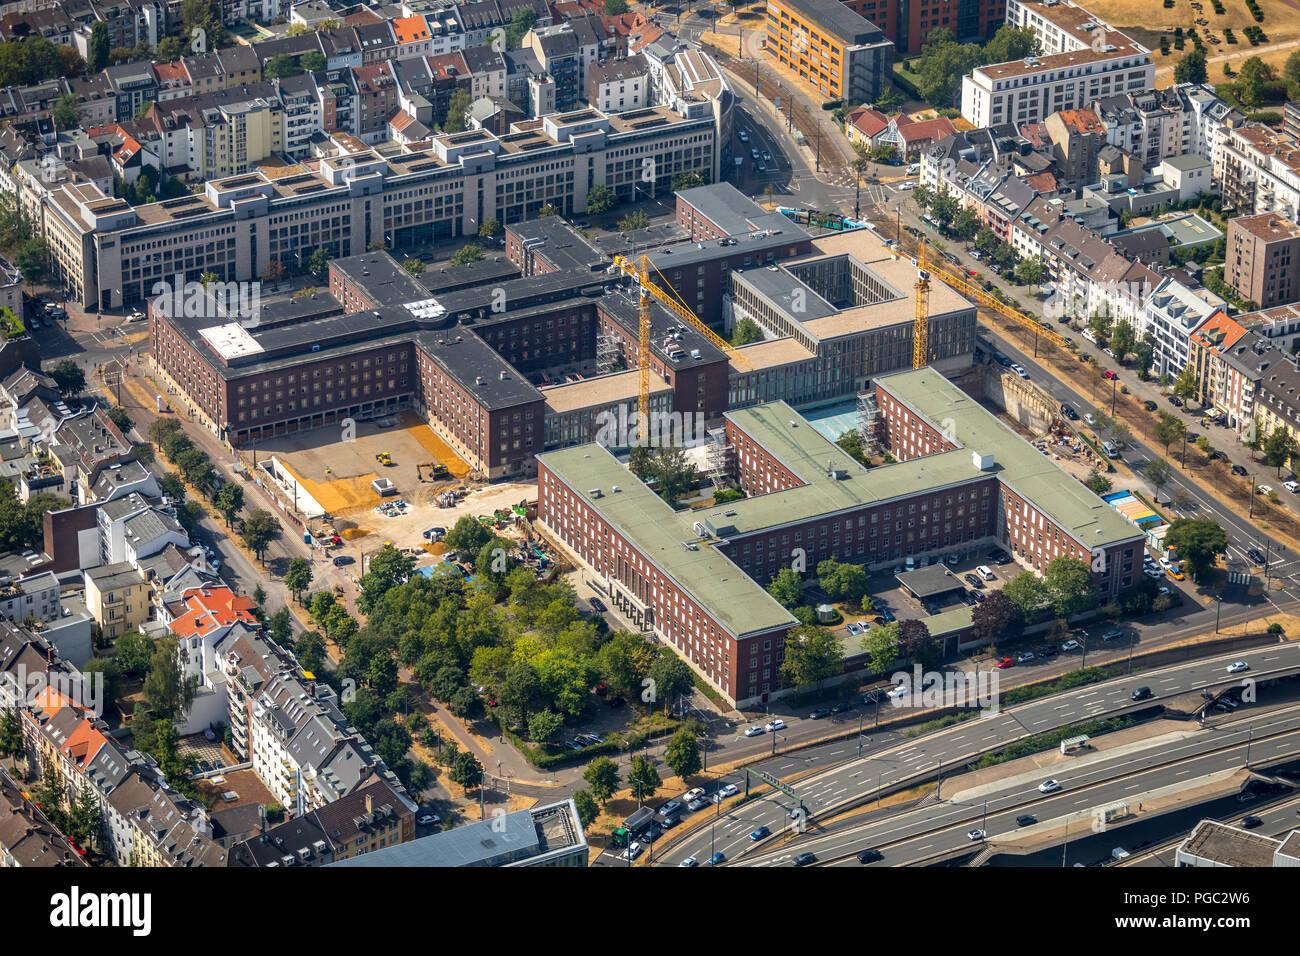 Erweiterung denkmalgeschütztes Polizeipräsidium im Stadtzentrum von Düsseldorf , Neubauriegel Düsseldorfer Polizeipräsidium, Düsseldorf, Rheinland, No - Stock Image